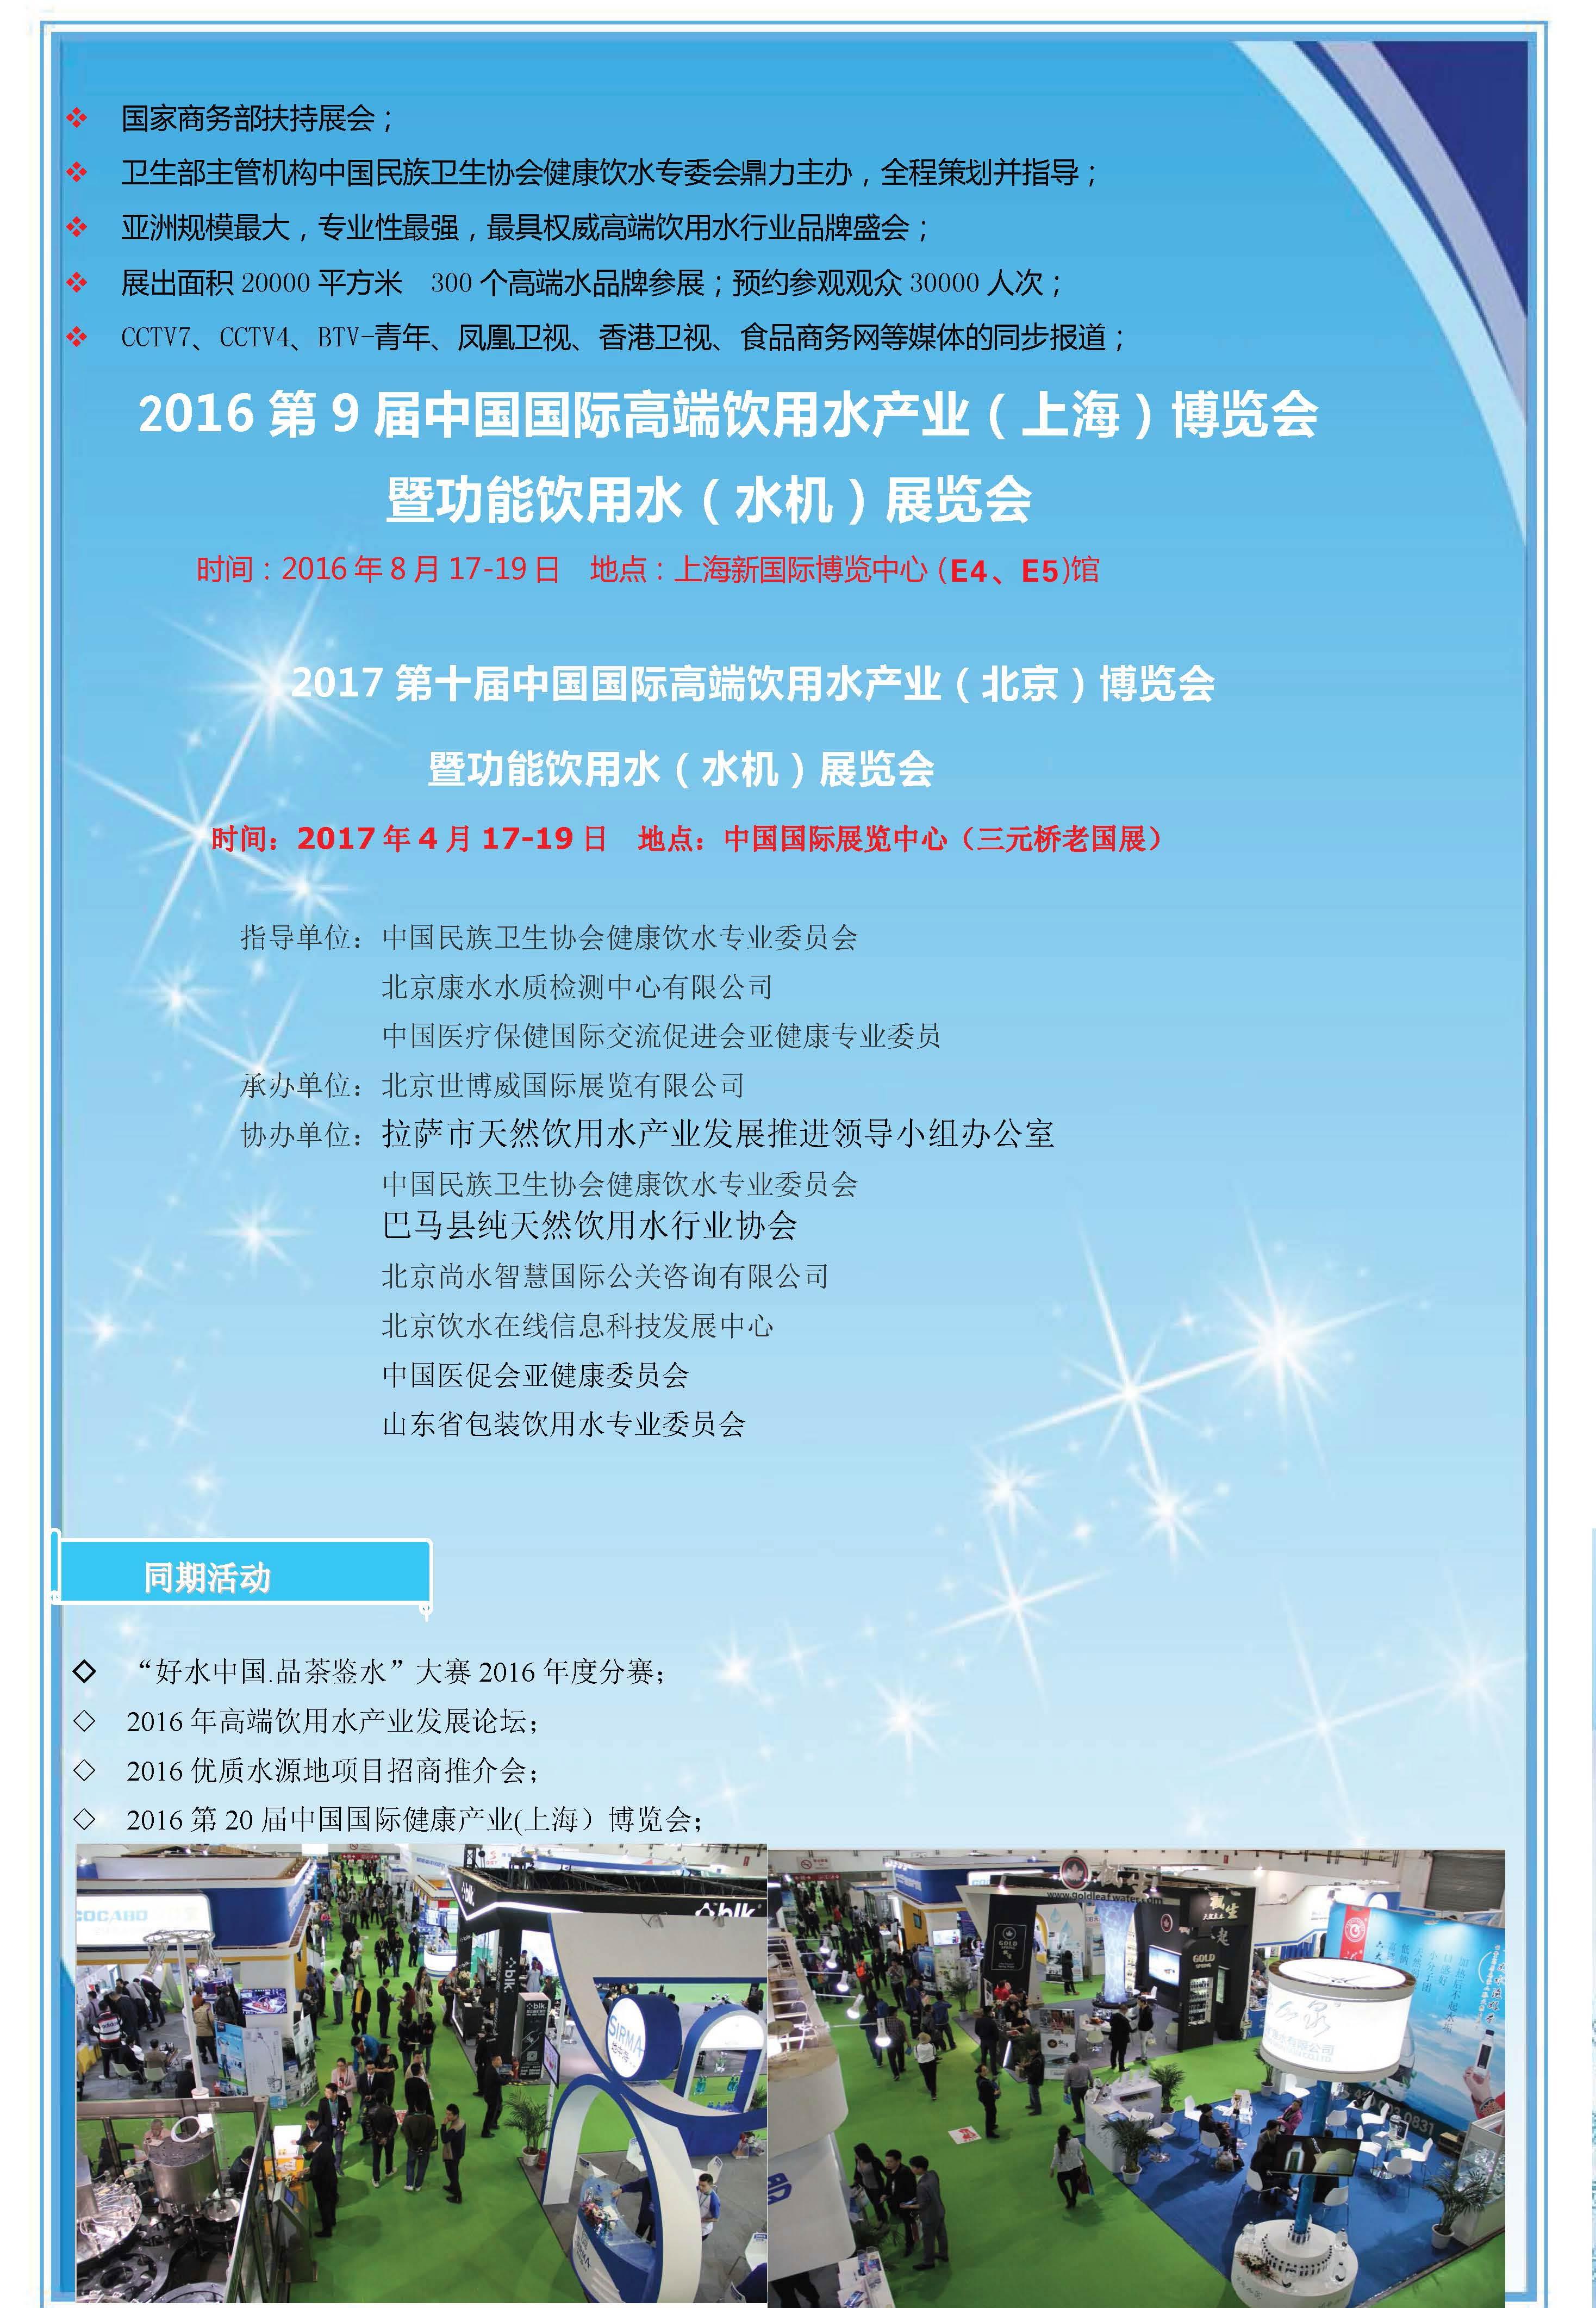 2016 第 9 届中国国际高端饮用水产业(上海)博览会暨功能饮用水(水机)展览会邀请函